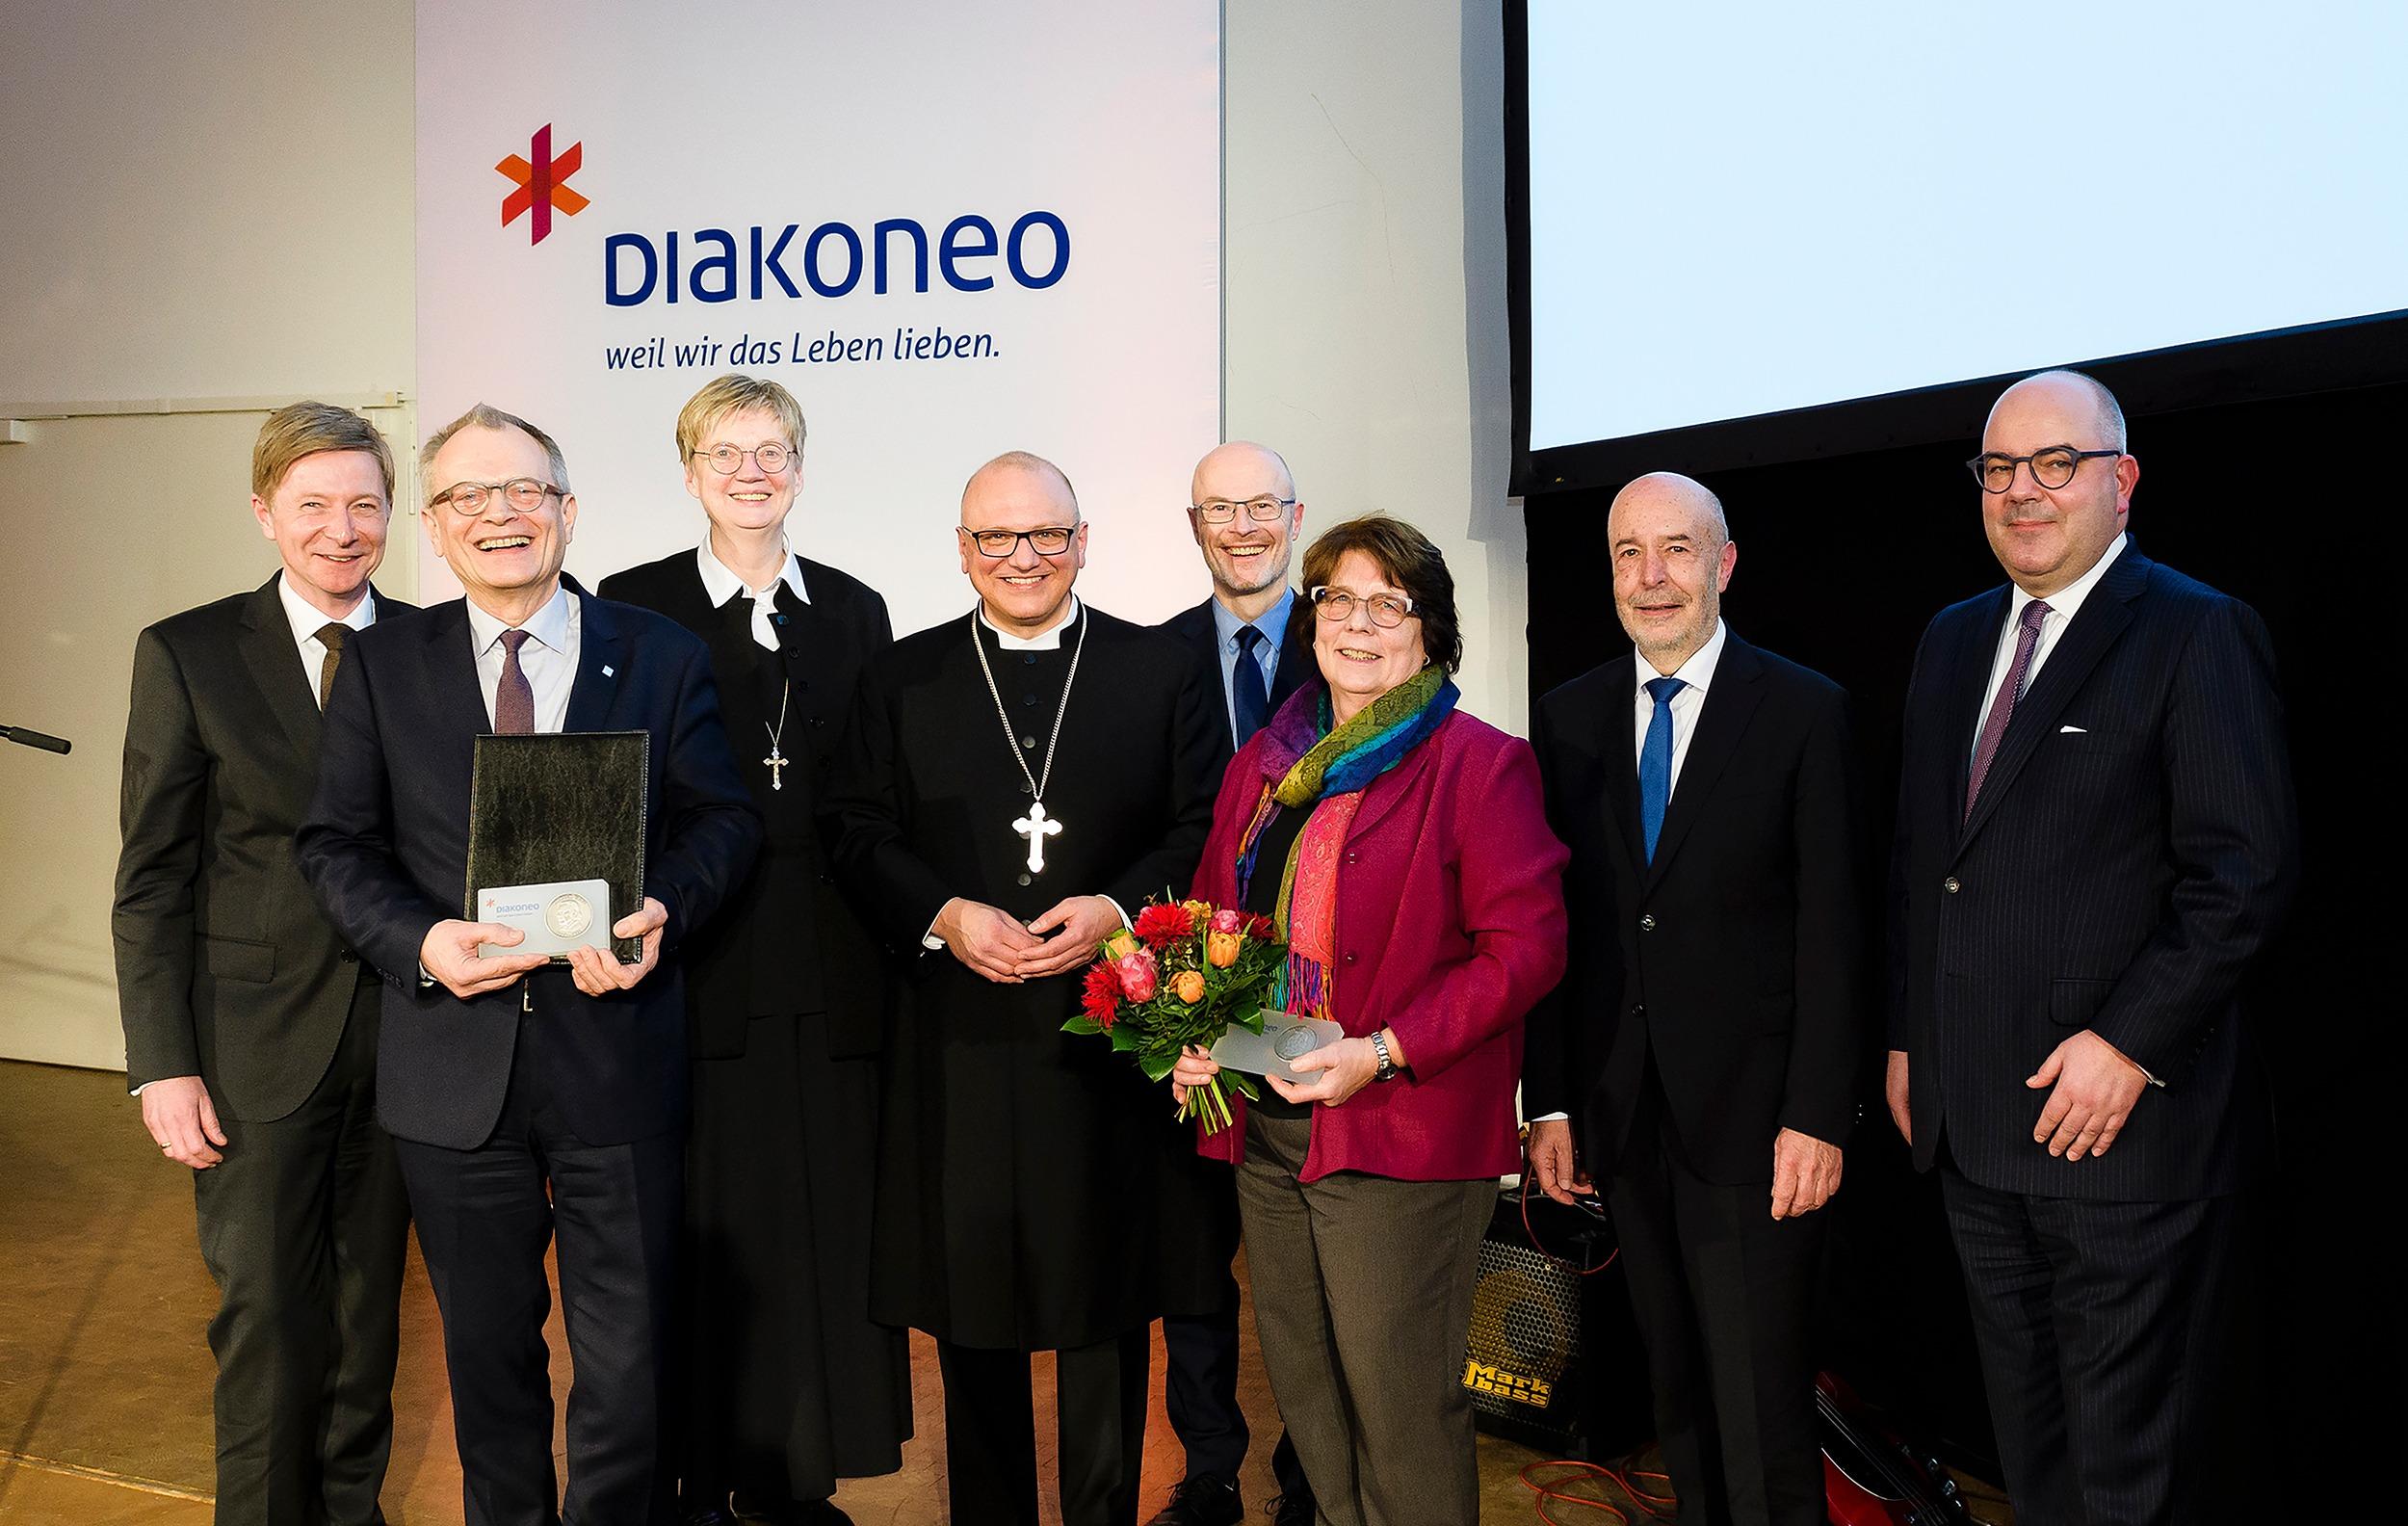 Positive Bilanz Der Fusion Beim Ersten Diakoneo-Jahresempfang